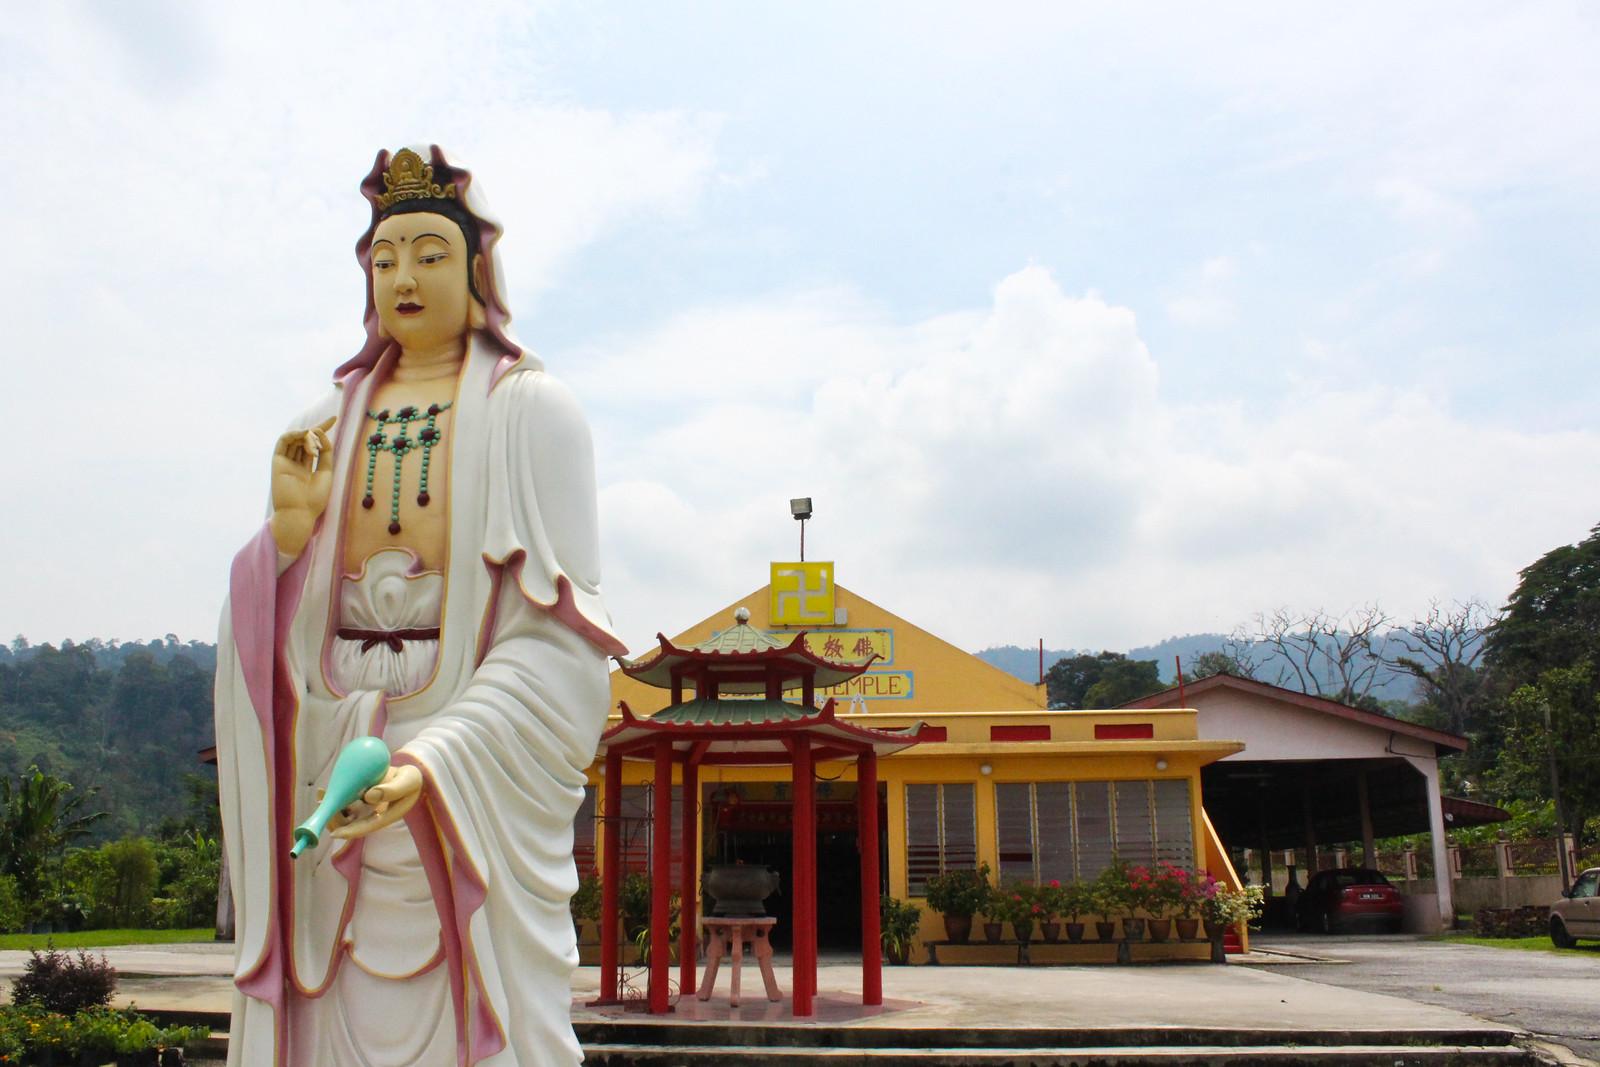 各式各樣的華人廟宇是雙溪毛糯院內重要的建築地景。(攝影:何欣潔)